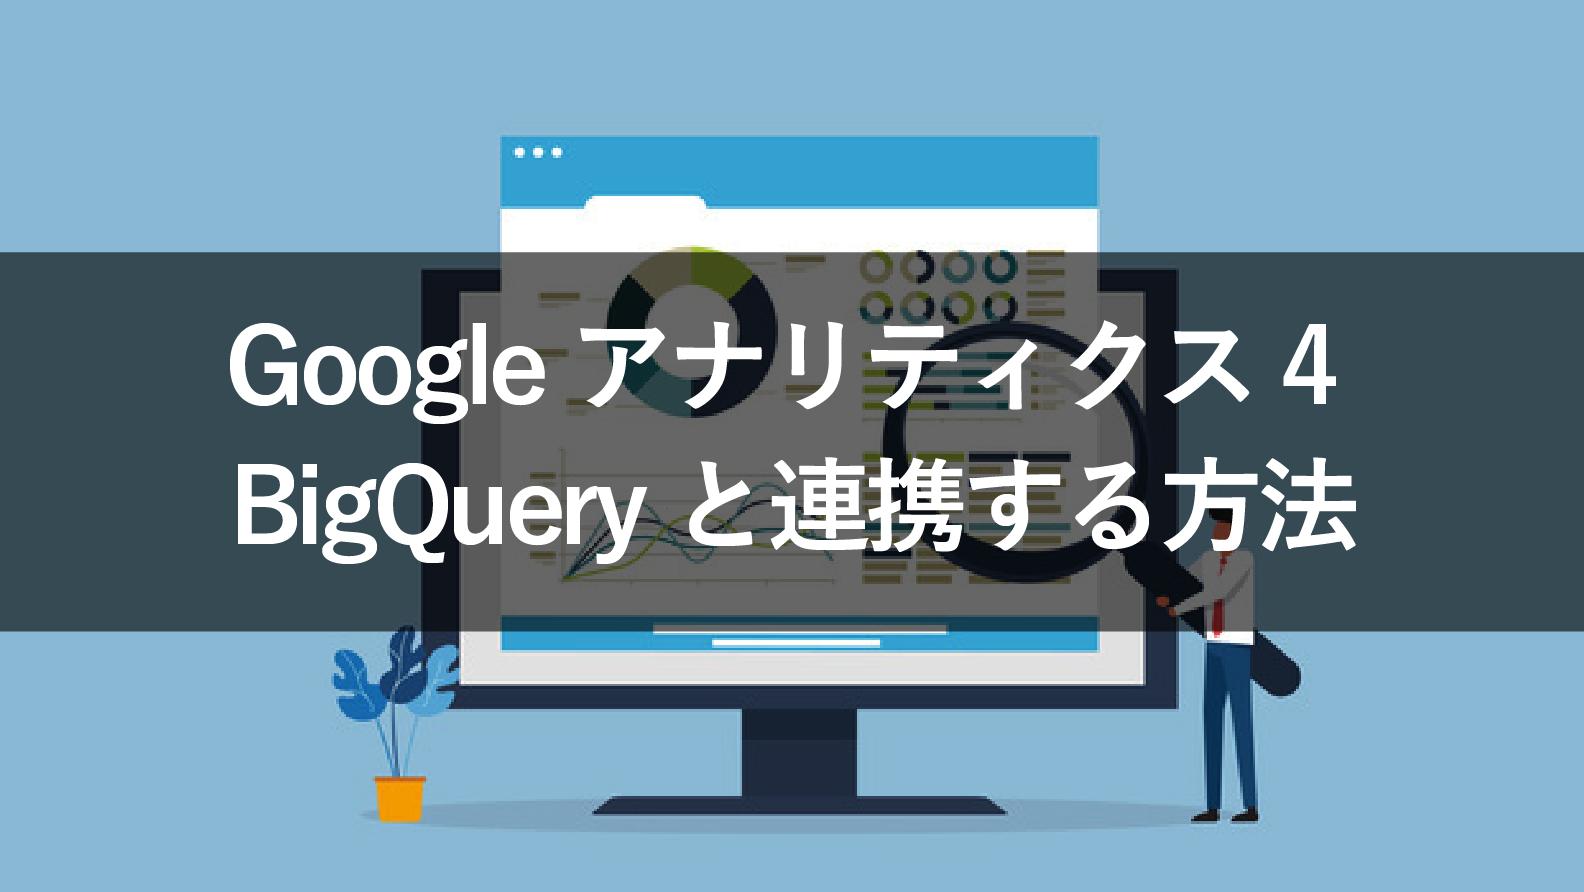 BigQueryとGoogle アナリティクス4(GA4)を連携するための設定方法